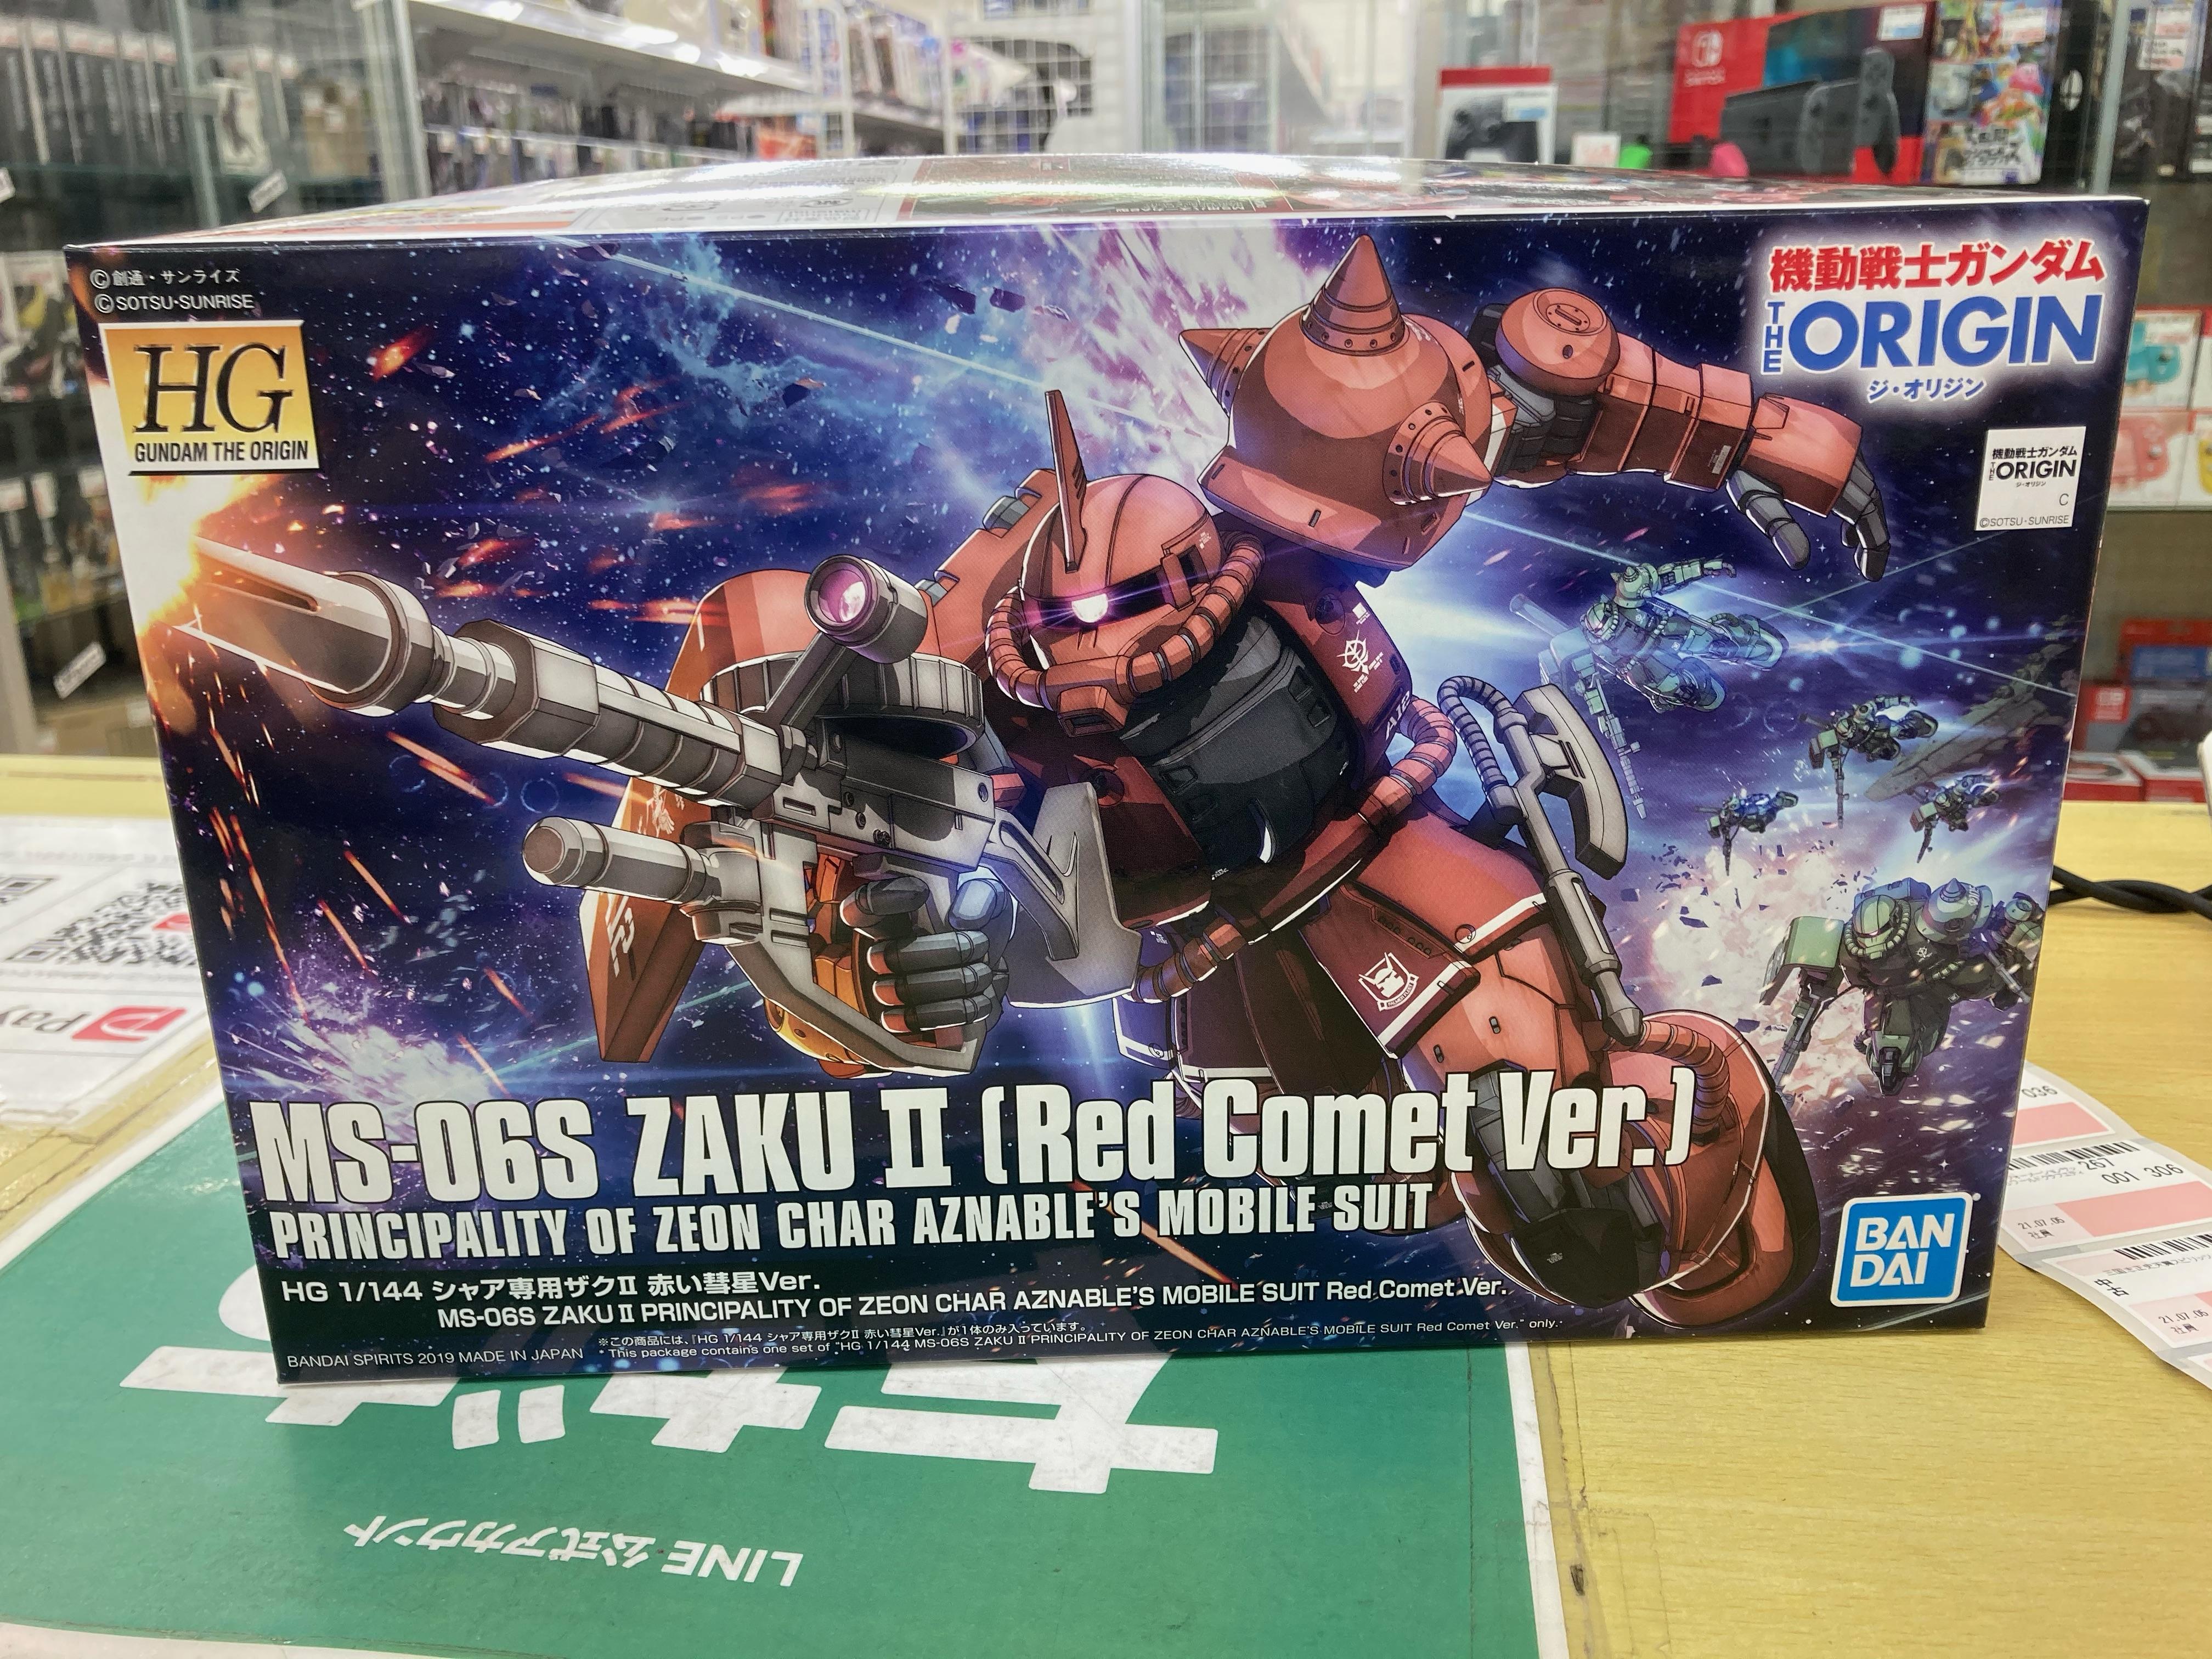 買取情報『機動戦士ガンダム THE ORIGINの1/144 HG MS-06S シャア専用ザクII 赤い彗星Ver. 』